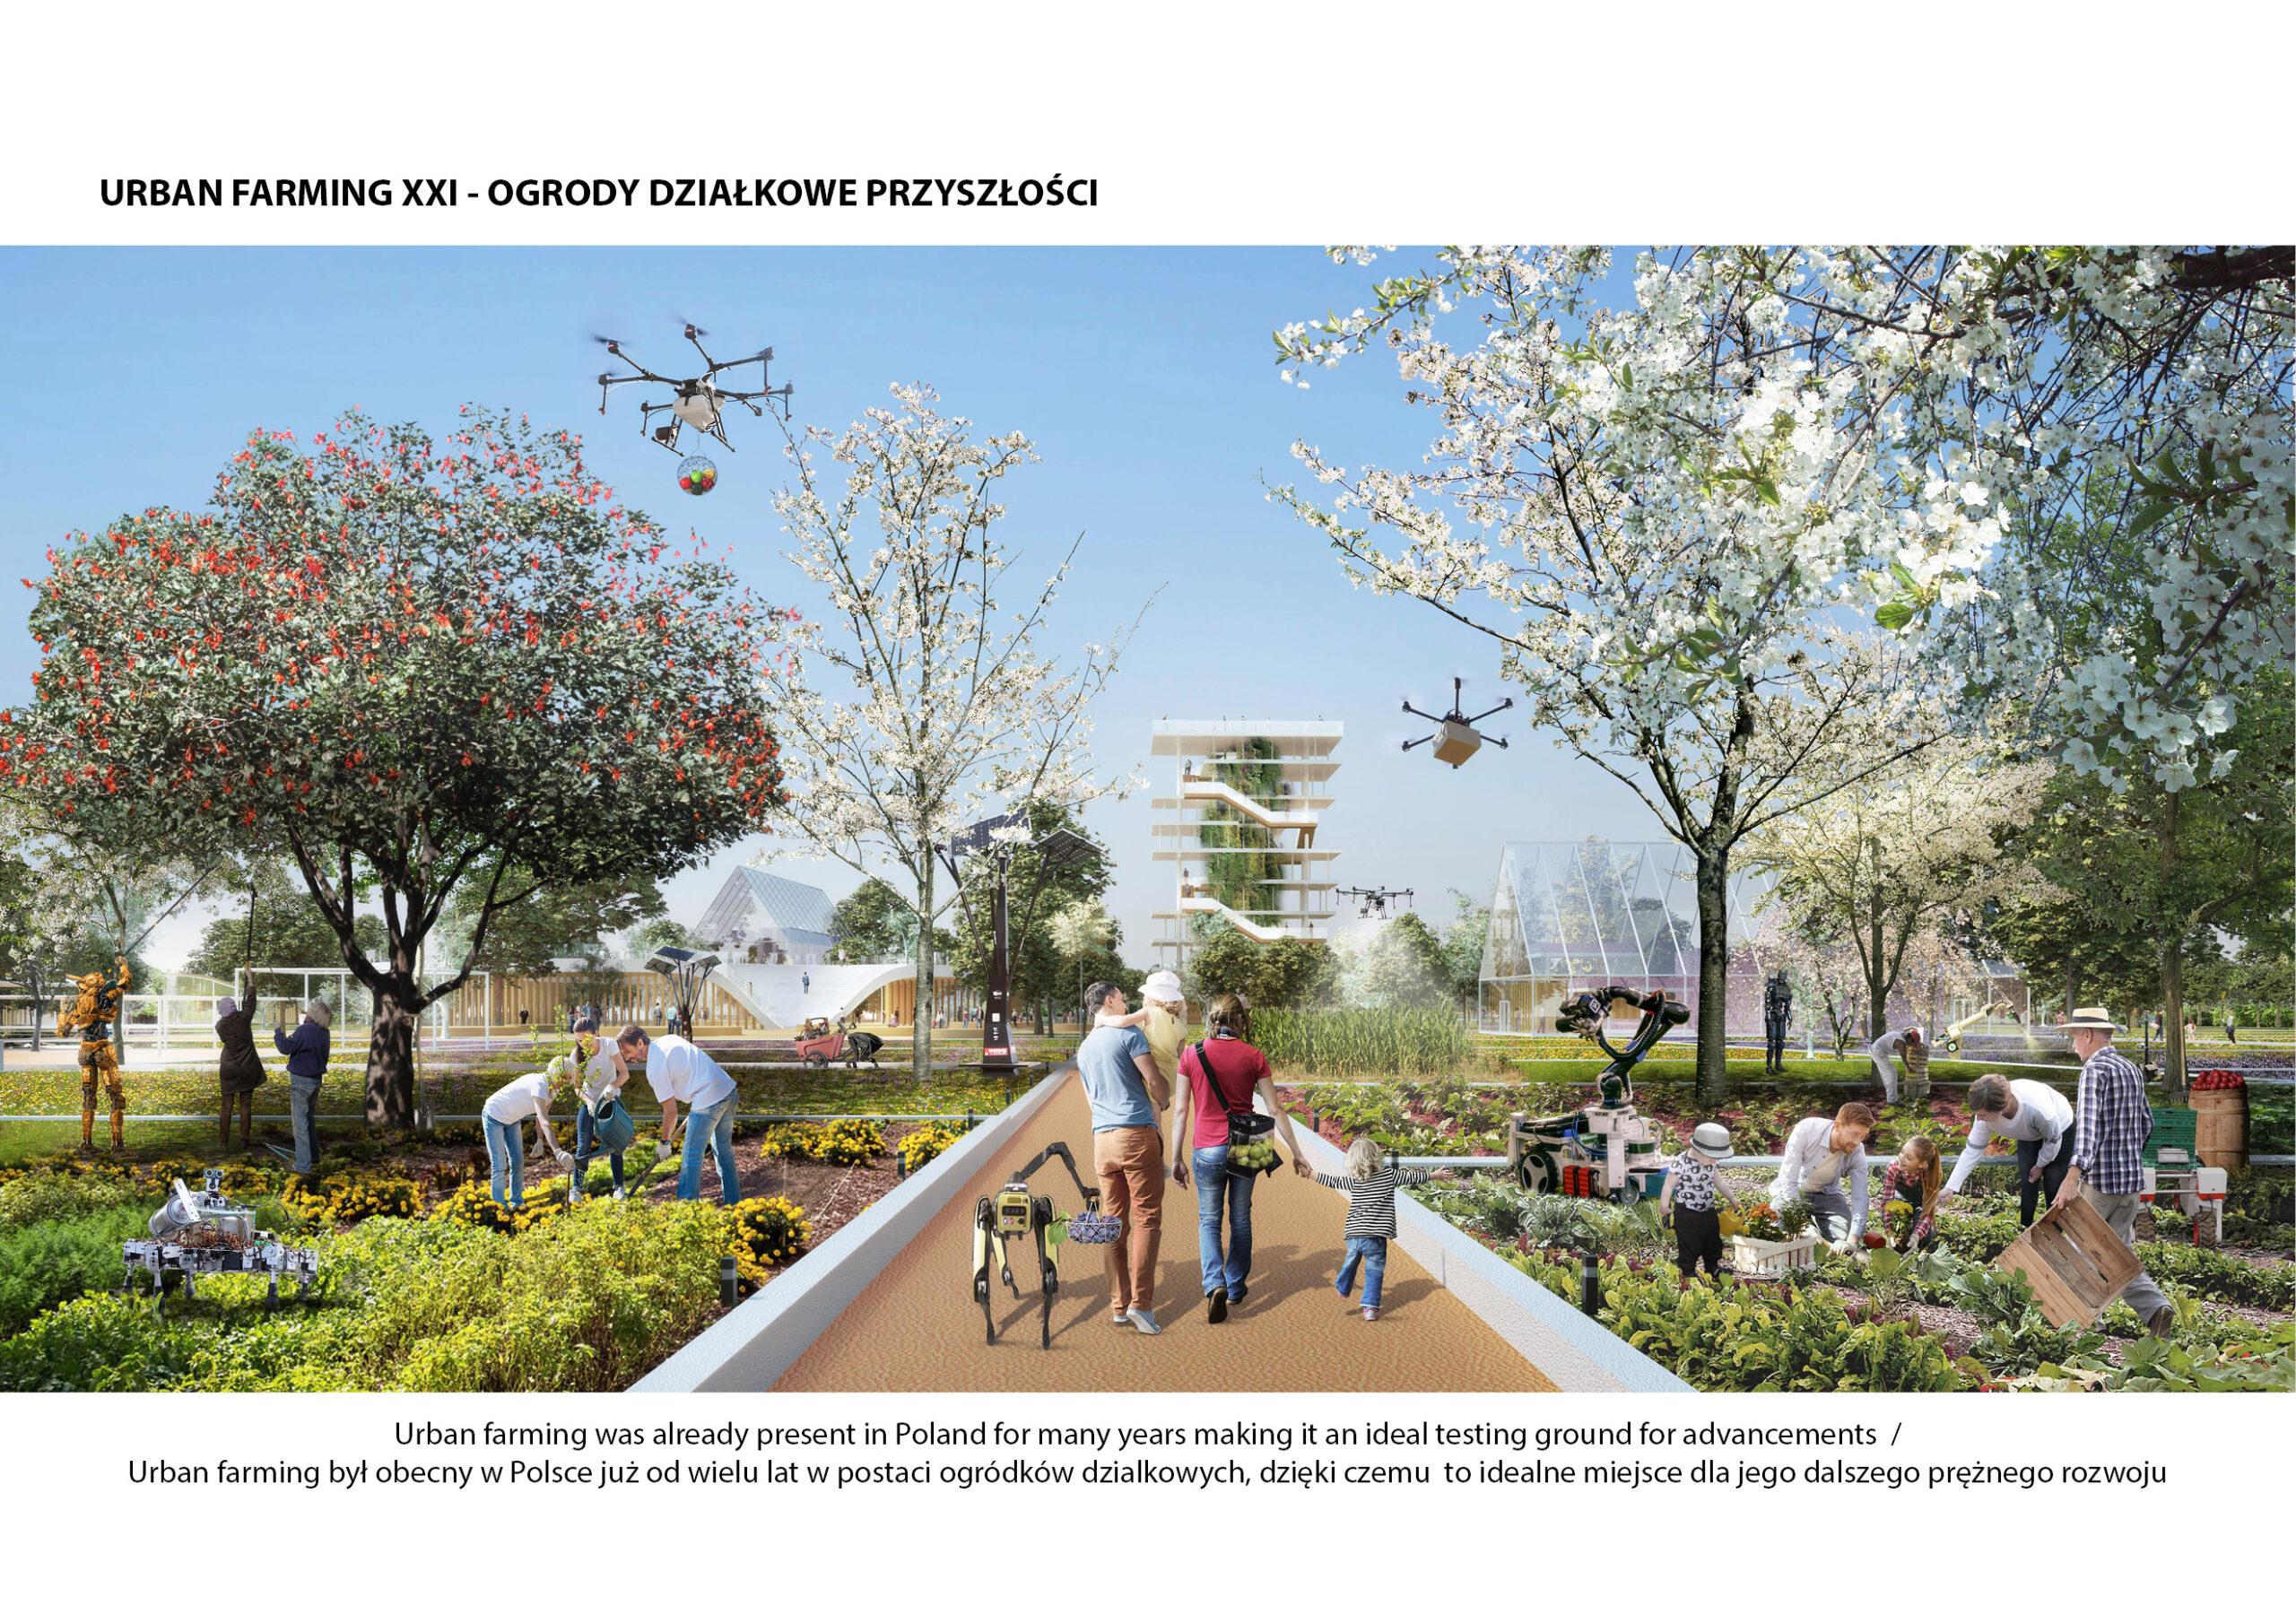 MJZ-Urban-Farming-XXI-Ogrody-Dzialkowe-Przyszlosci18-1